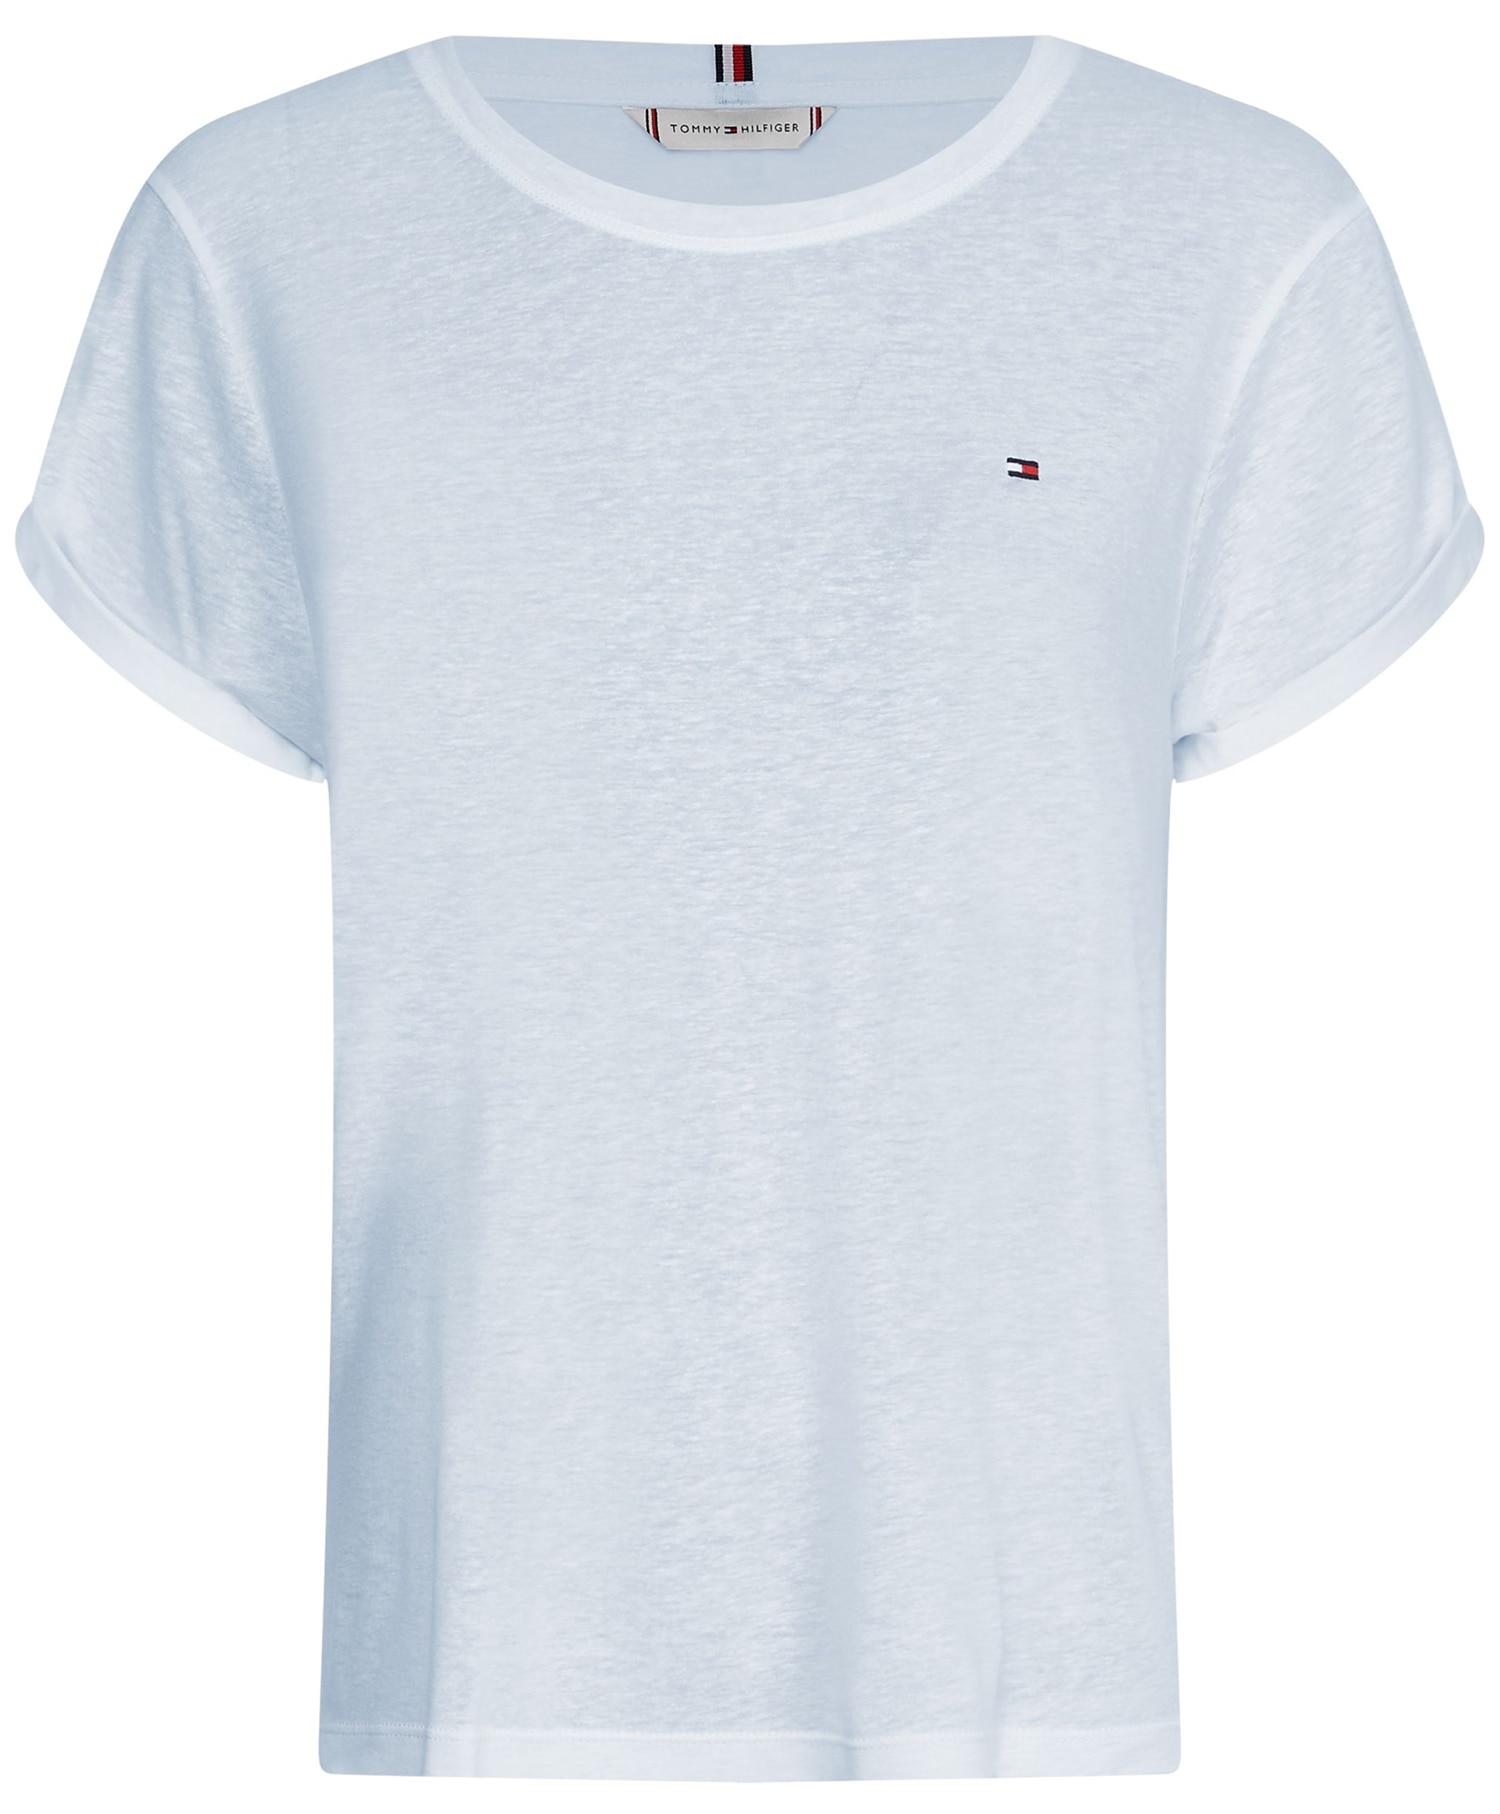 Hilfiger Lin t-shirt